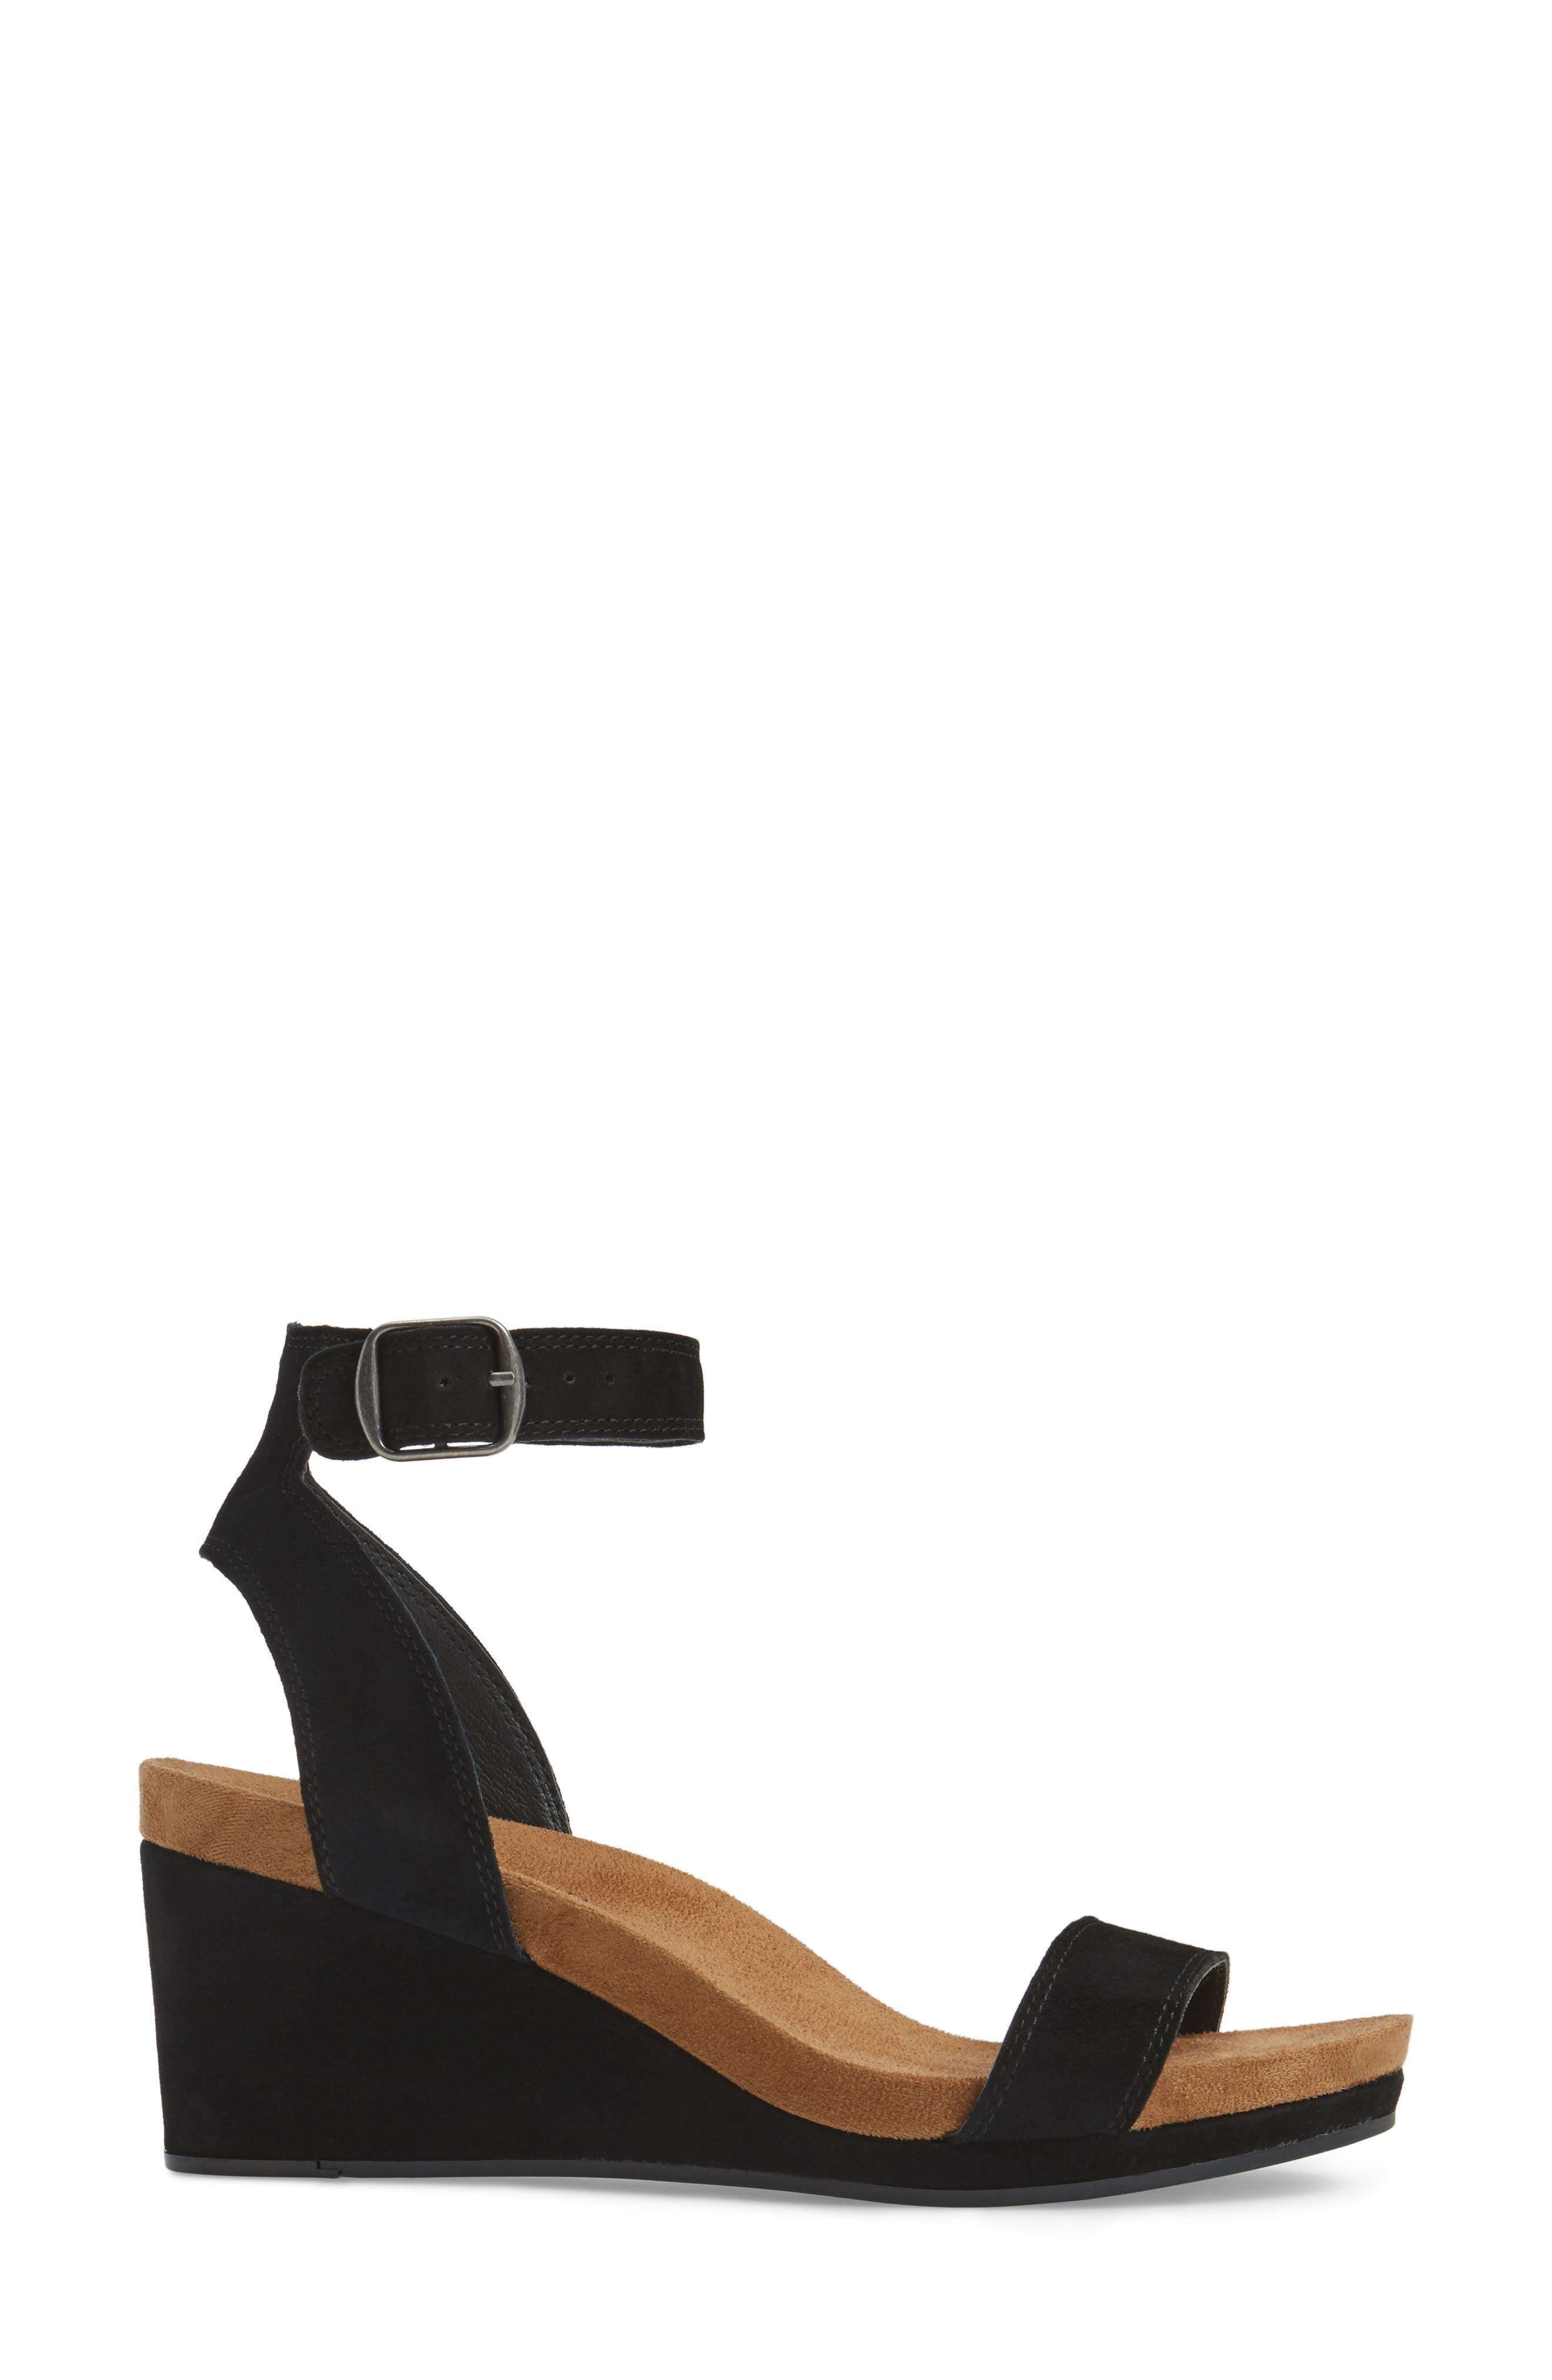 Alternate Image 3  - Lucky Brand Karston Wedge Sandal (Women)